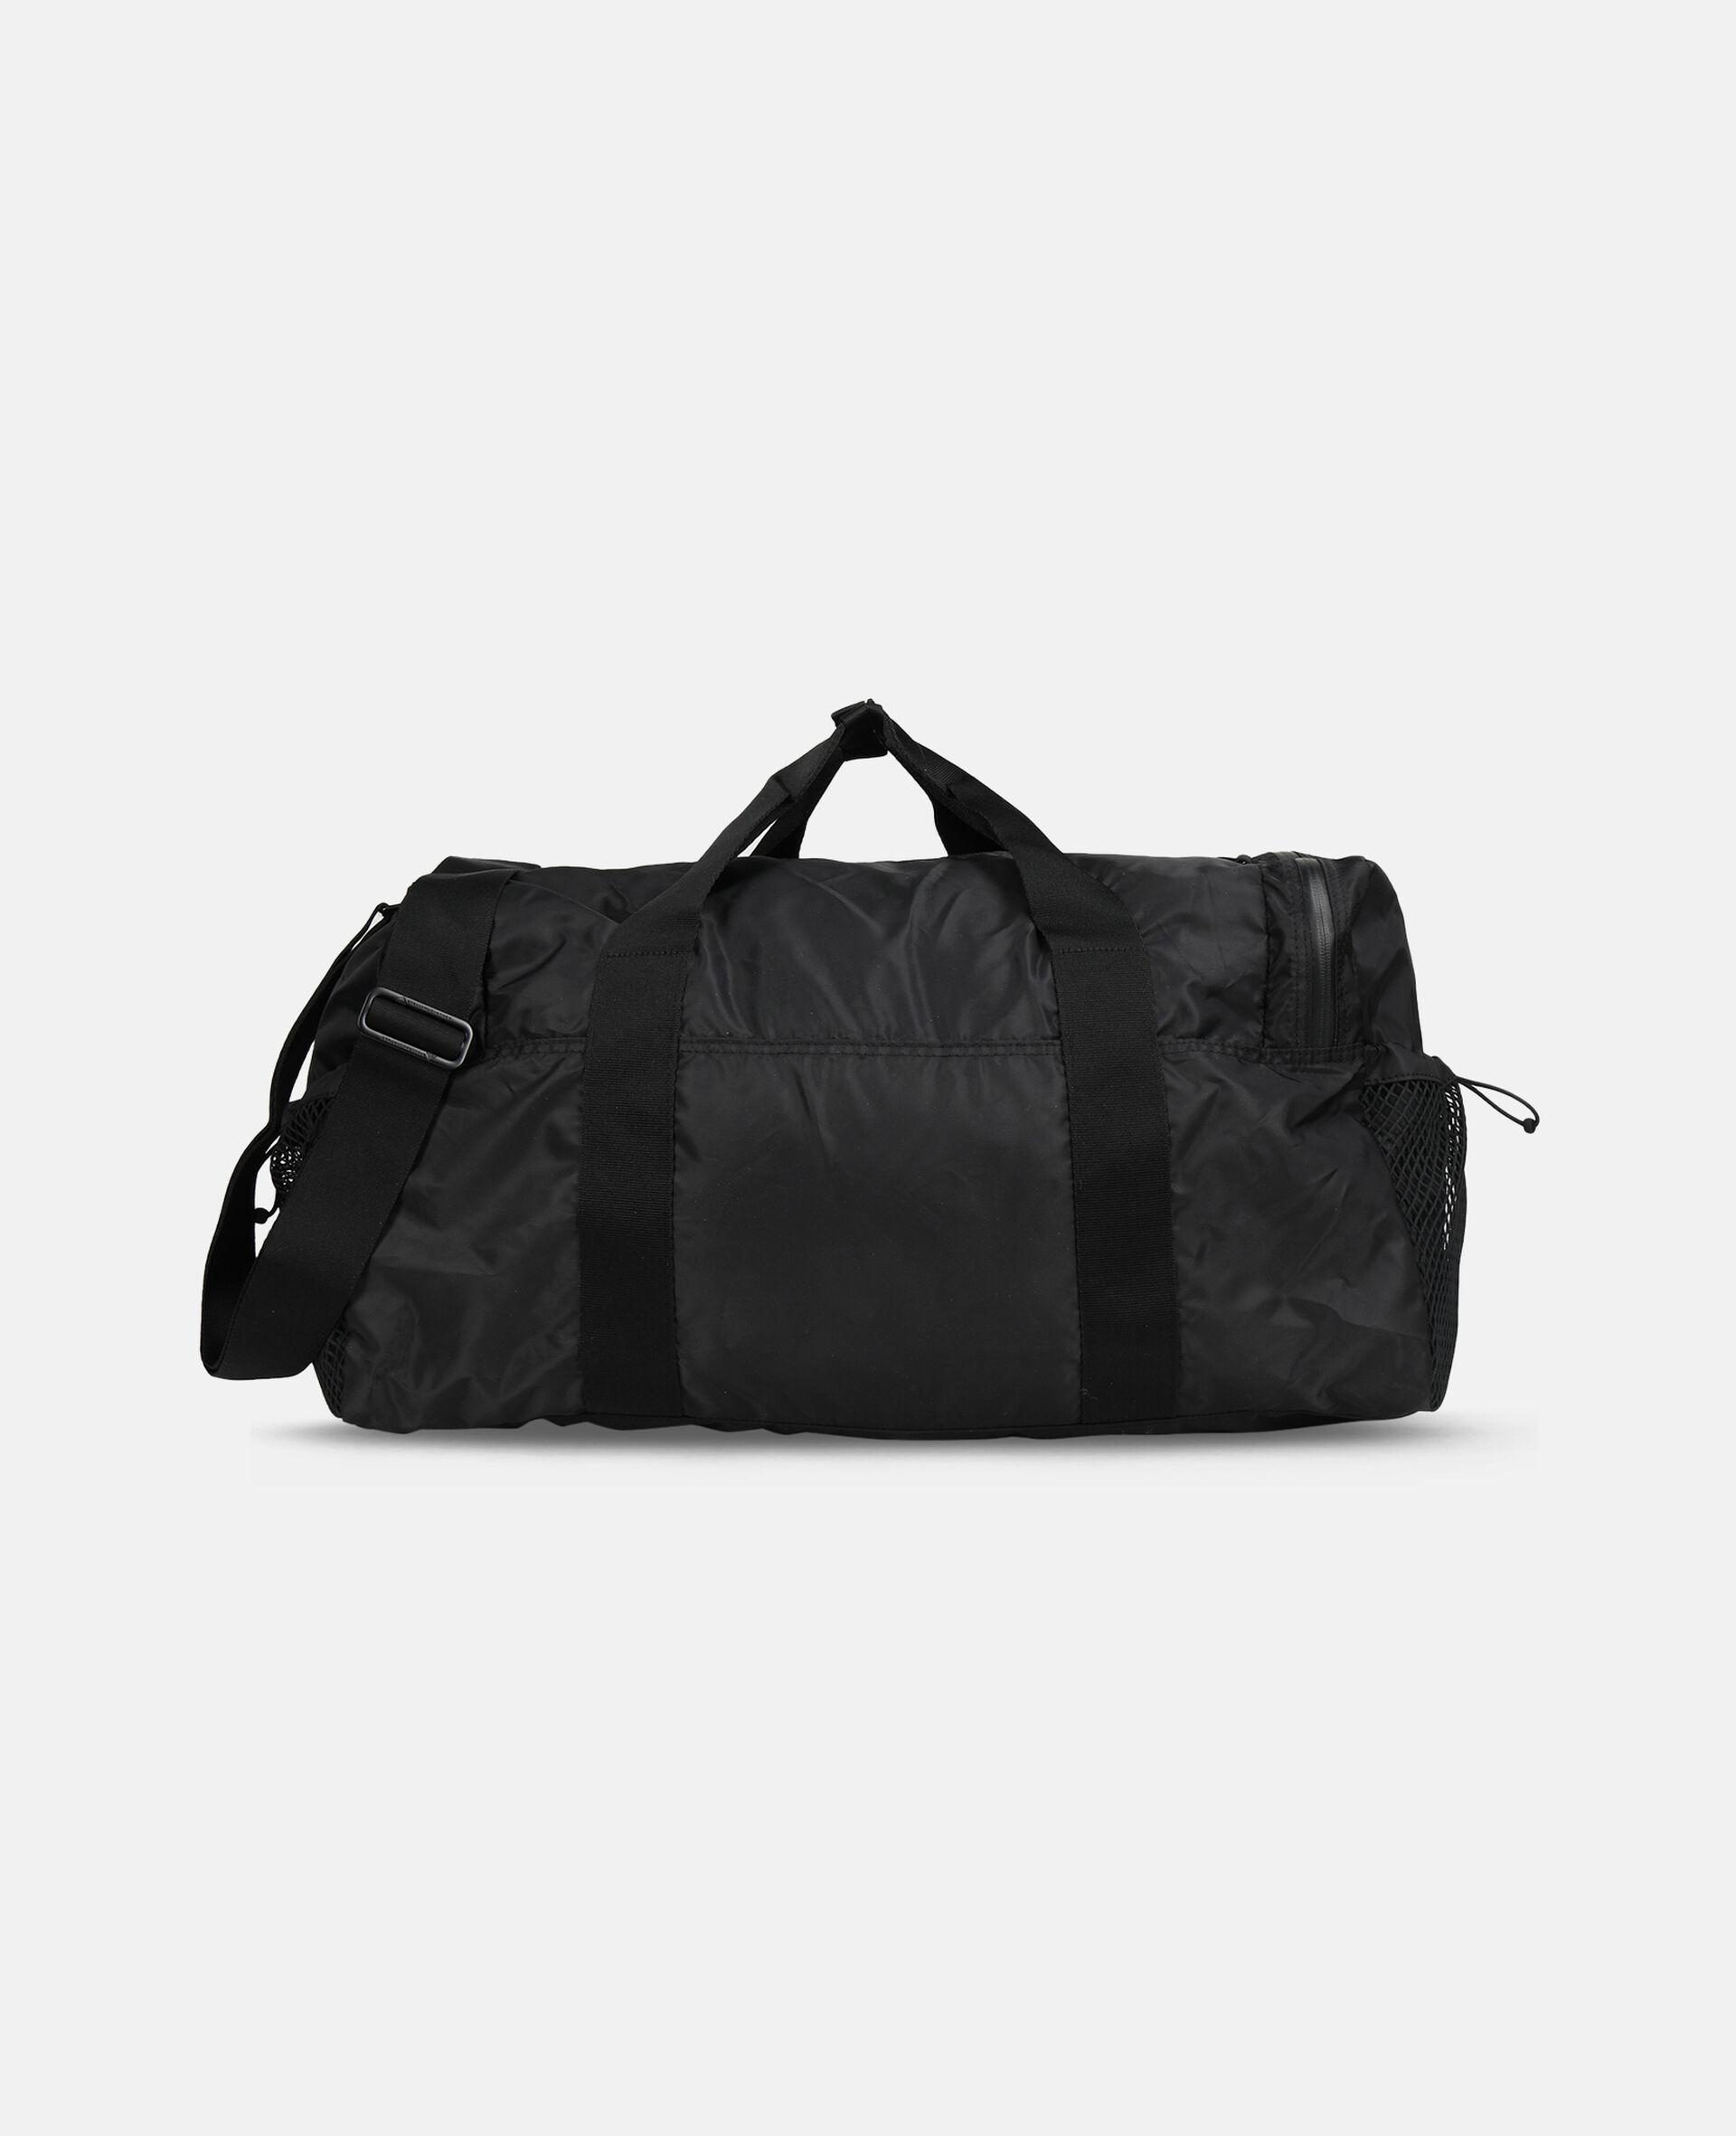 Black Squared Studio Bag-Black-large image number 4